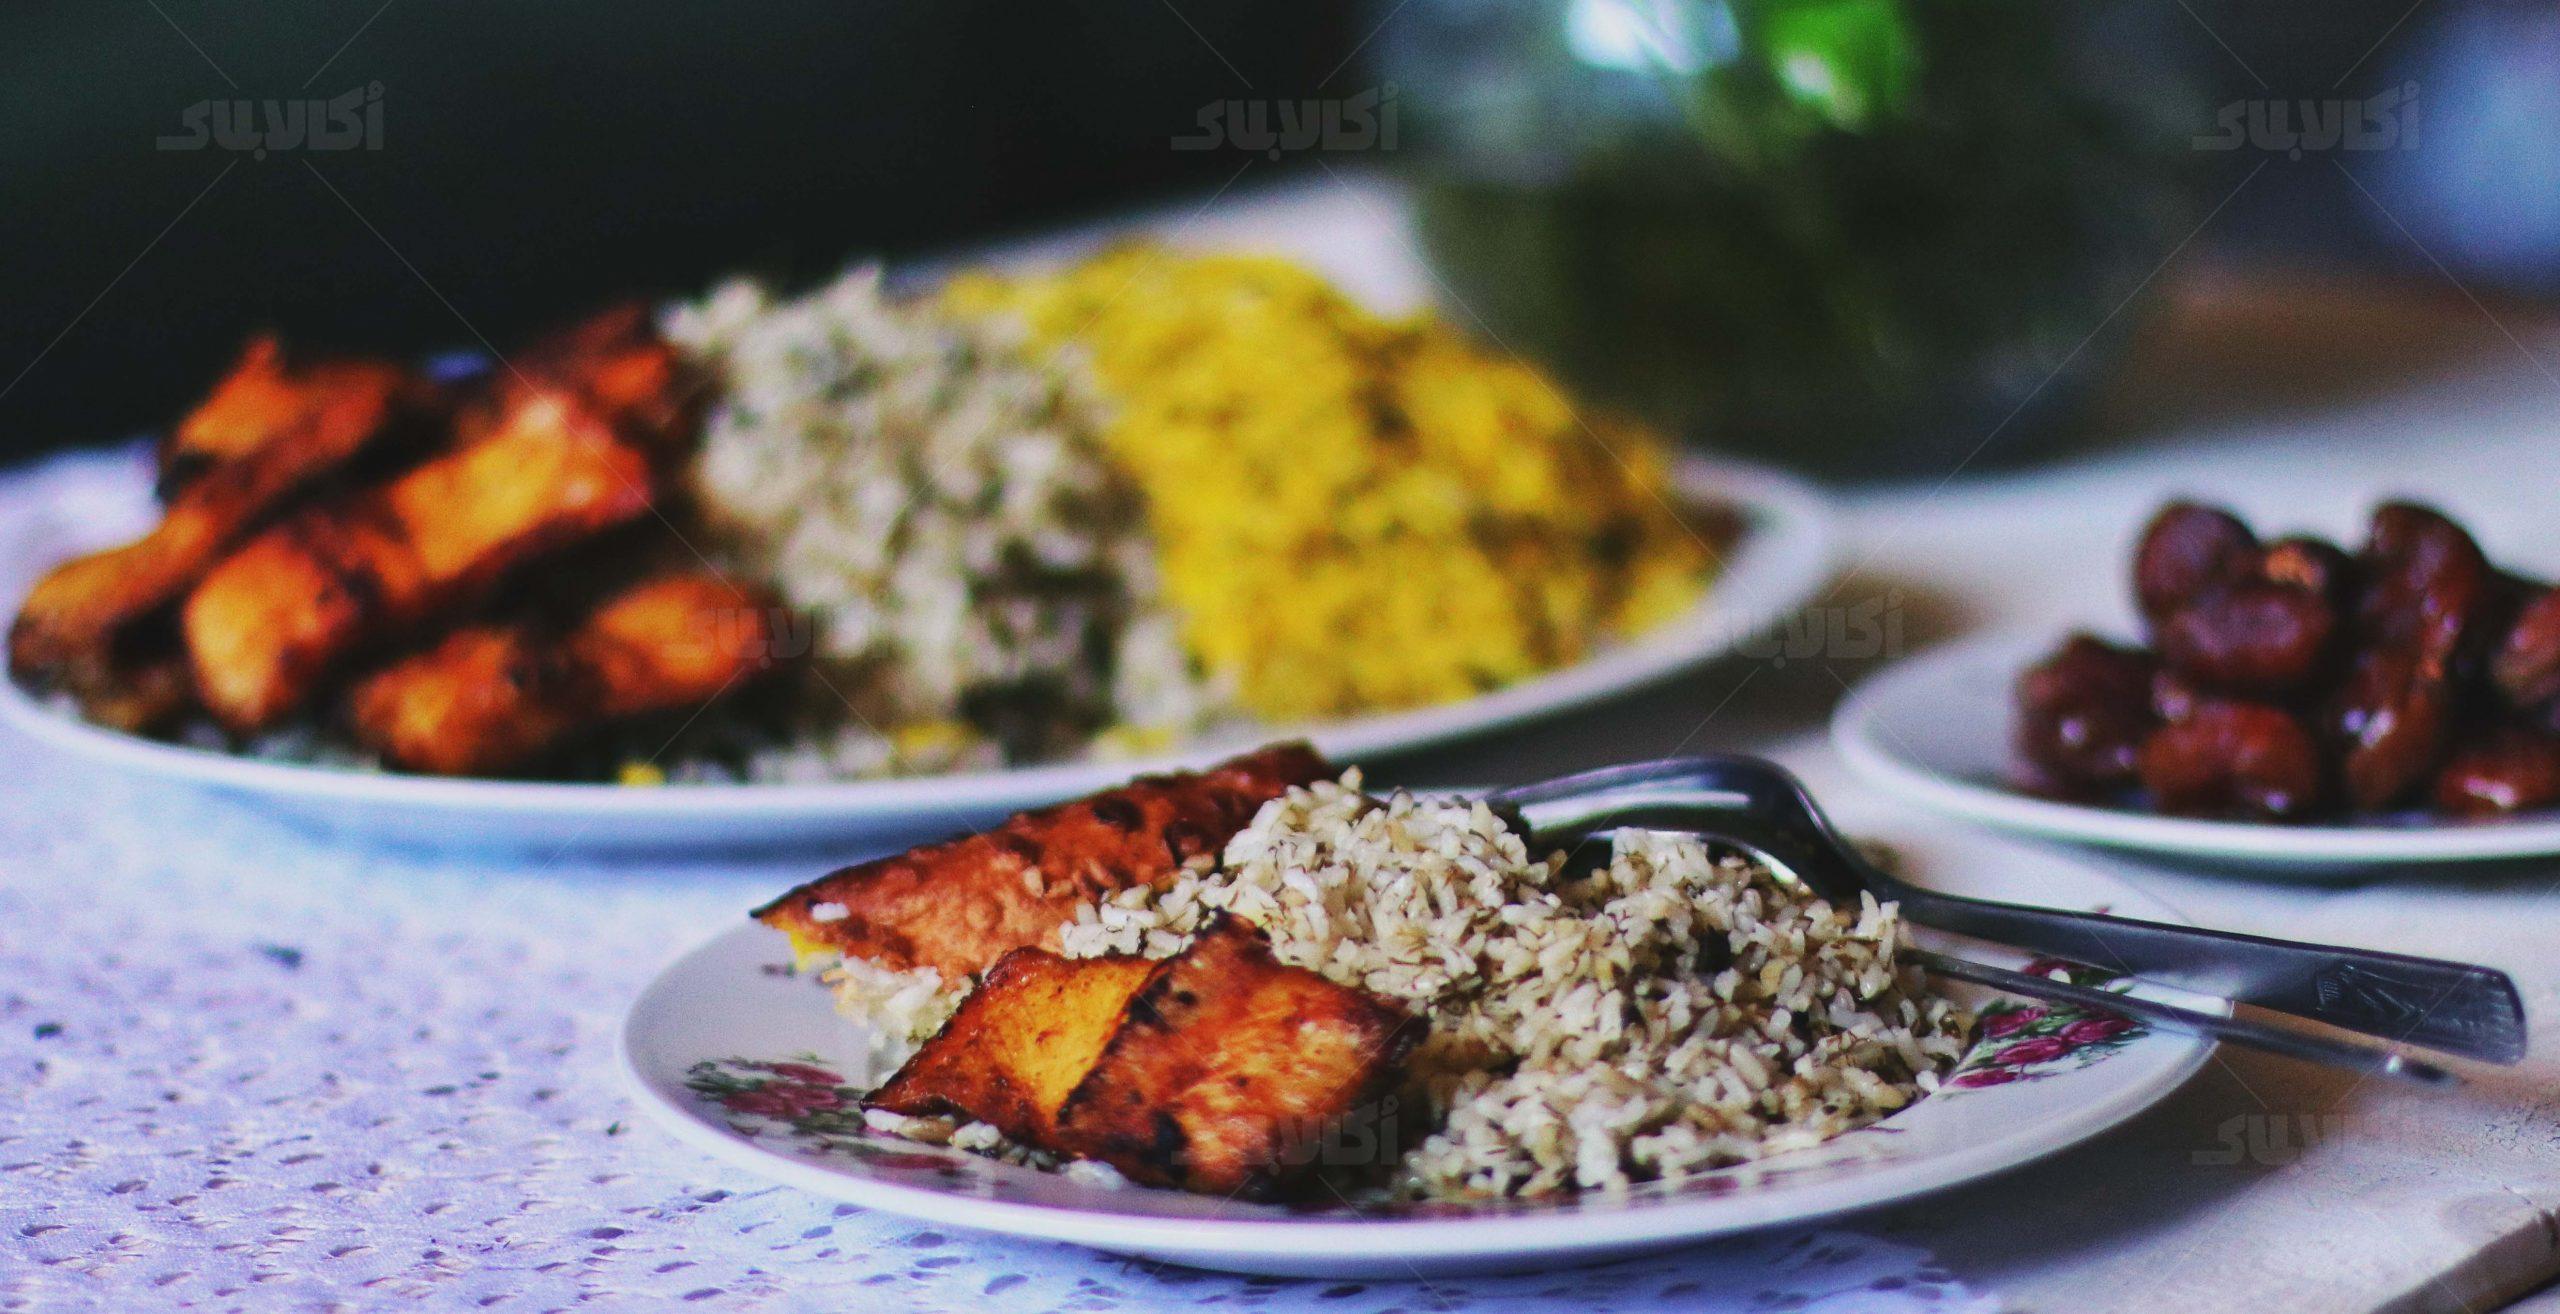 سبزی پلو با ماهی عید؛ مرحله به مرحله